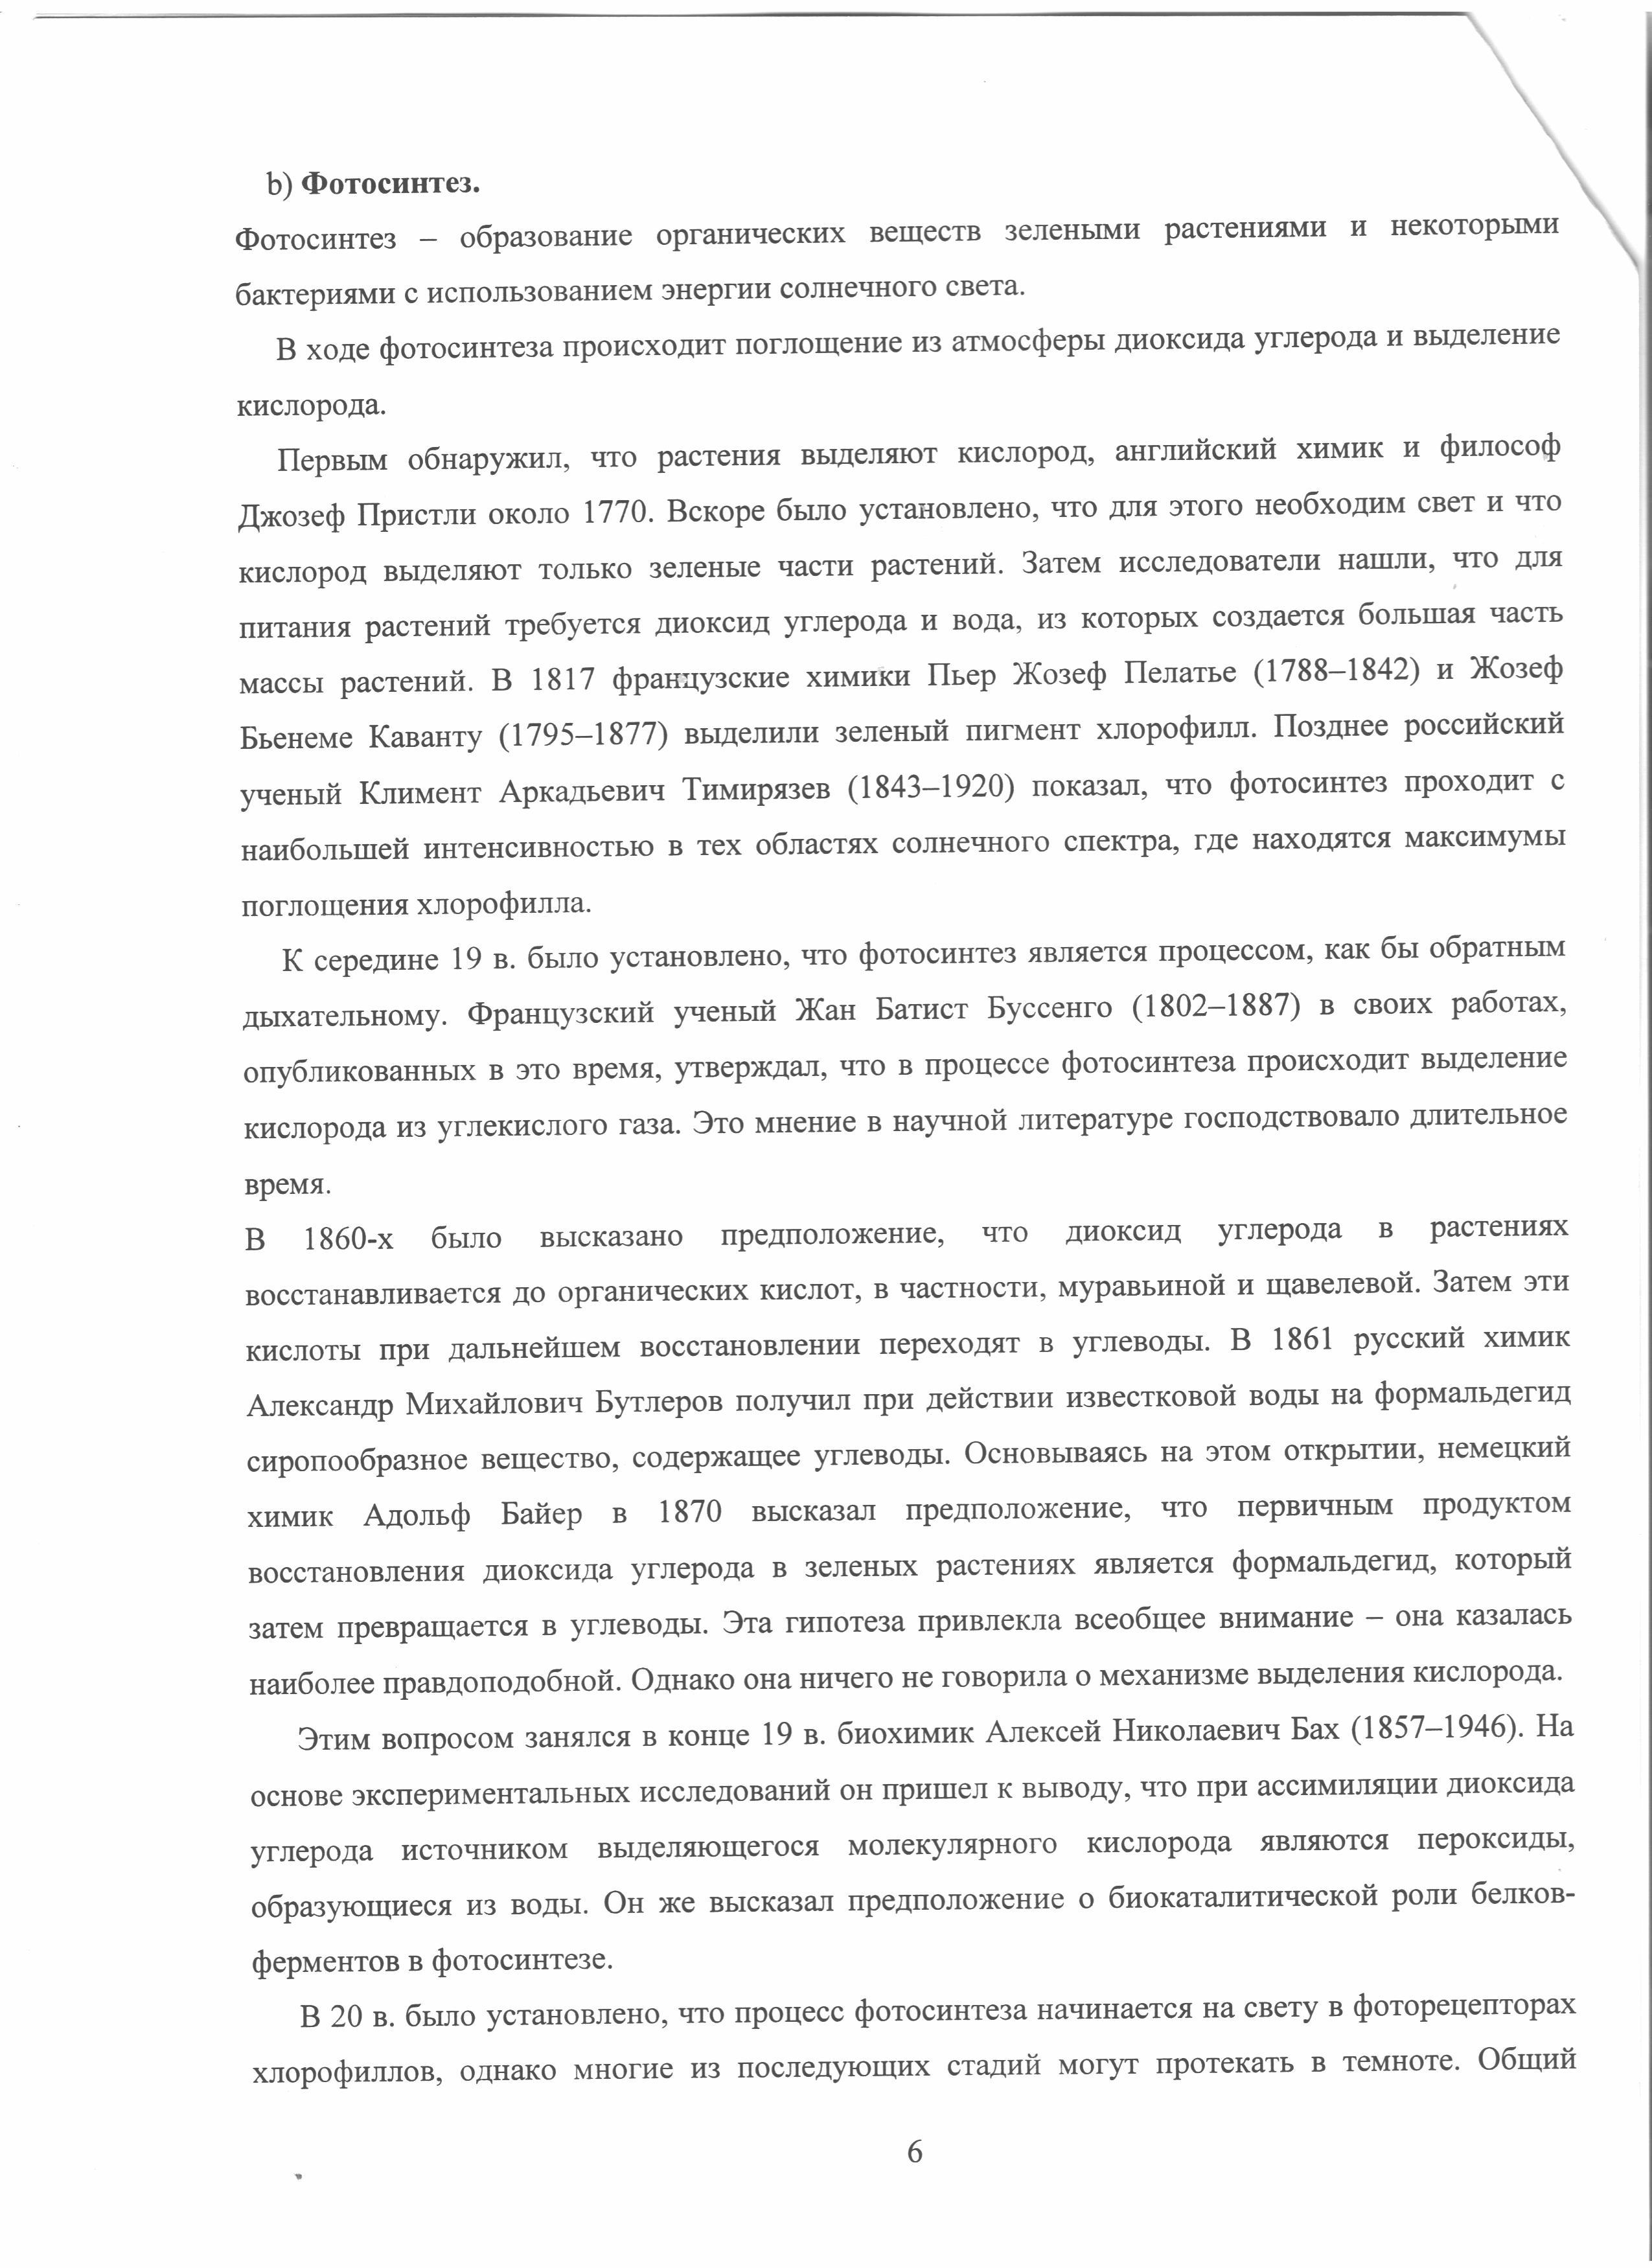 F:\диагностика\Сангаджиев В.Н\2015-09-28\021.tif